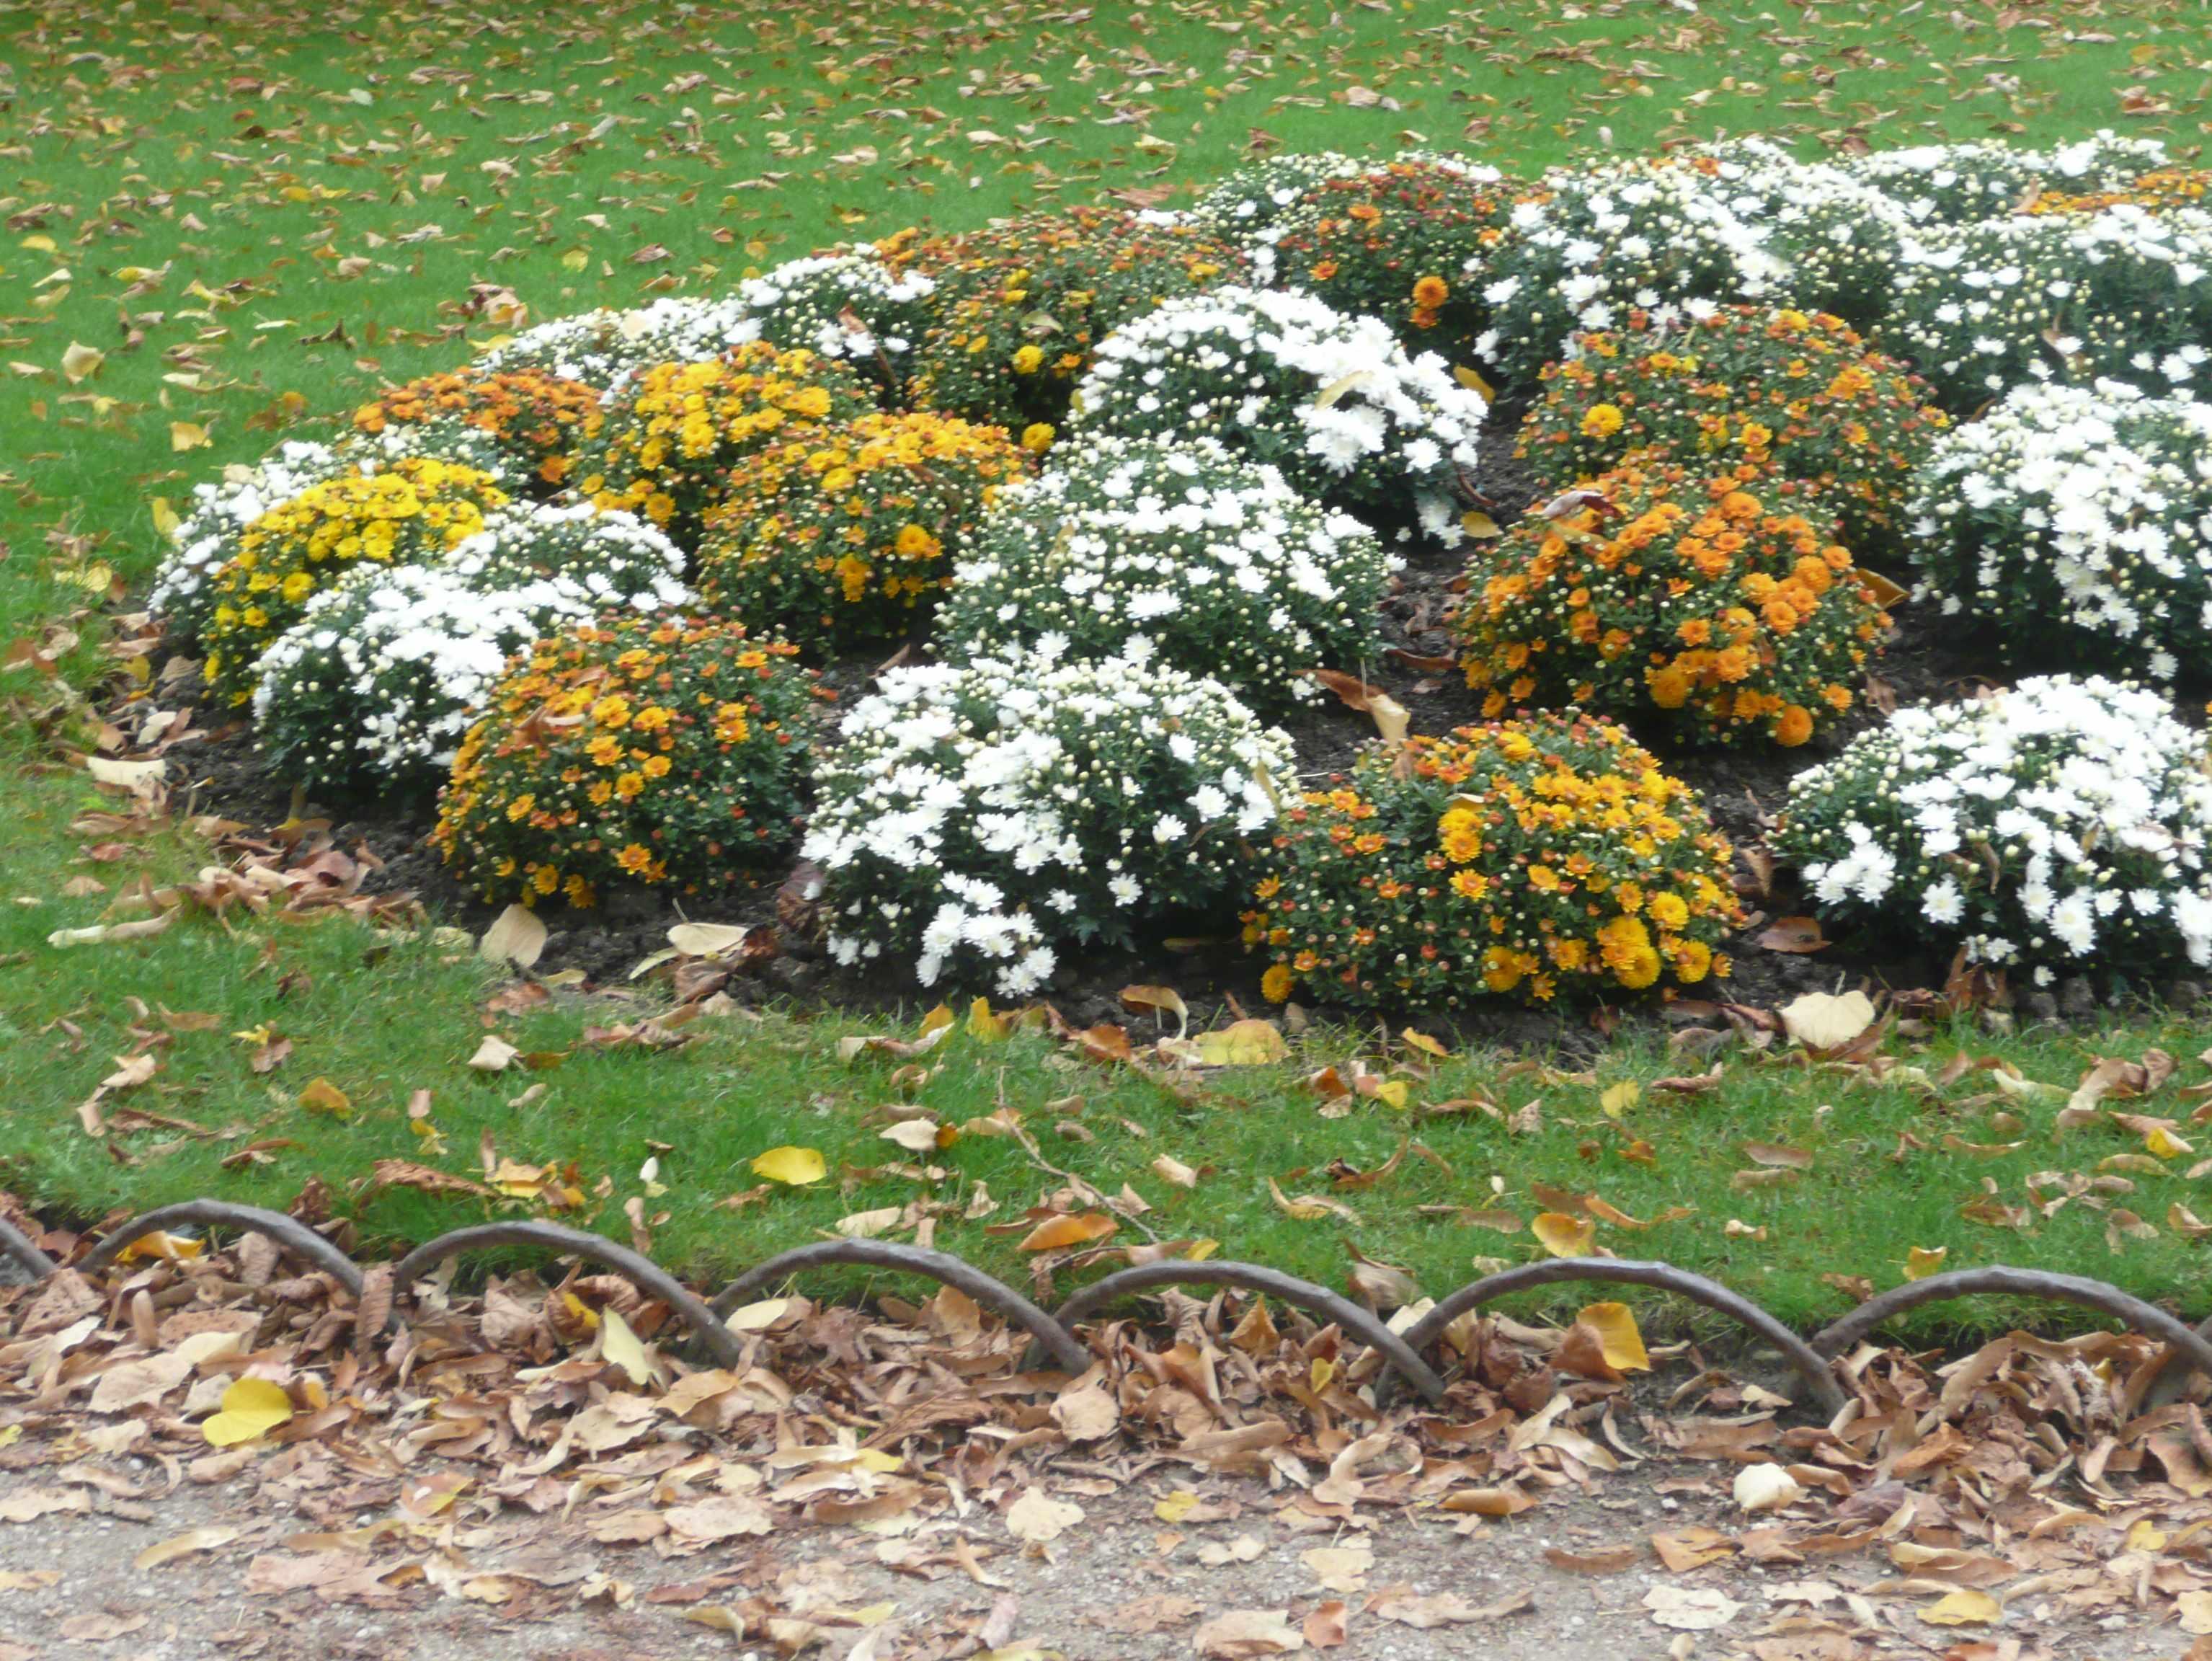 Automne au jardin du luxembourg for Au jardin du luxembourg